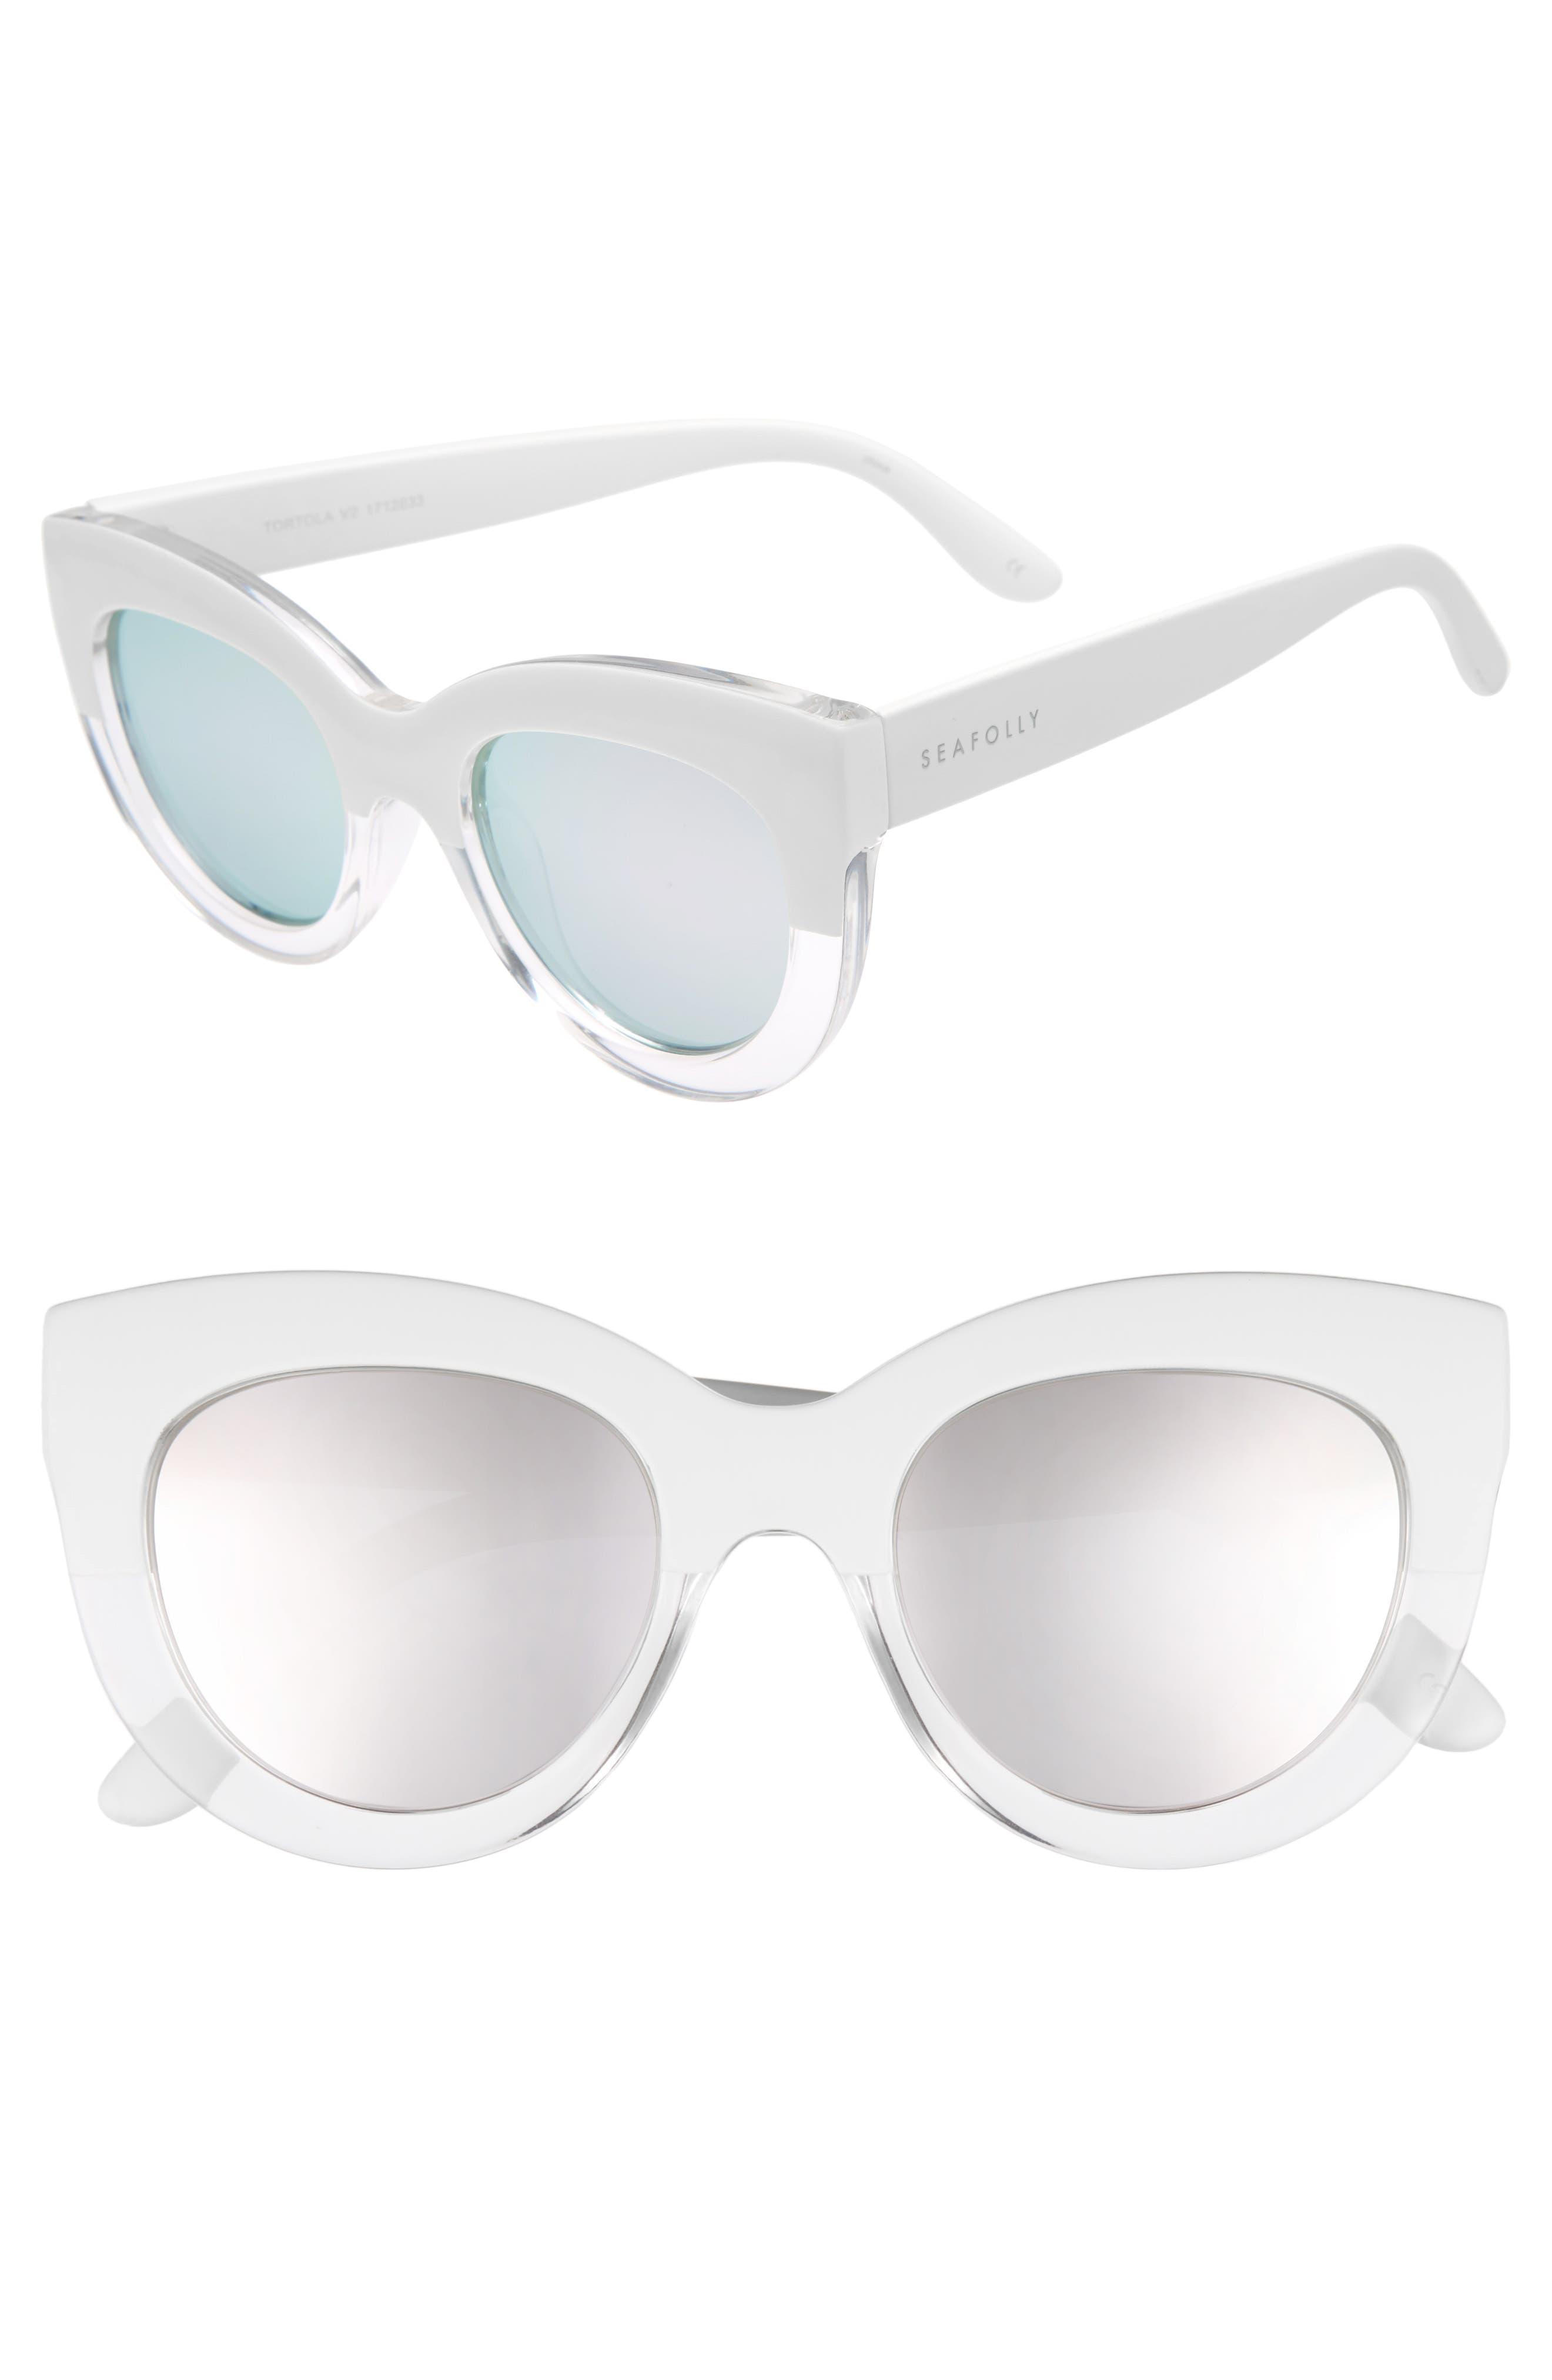 Tortola V2 51mm Polarized Cat Eye Sunglasses,                             Main thumbnail 2, color,